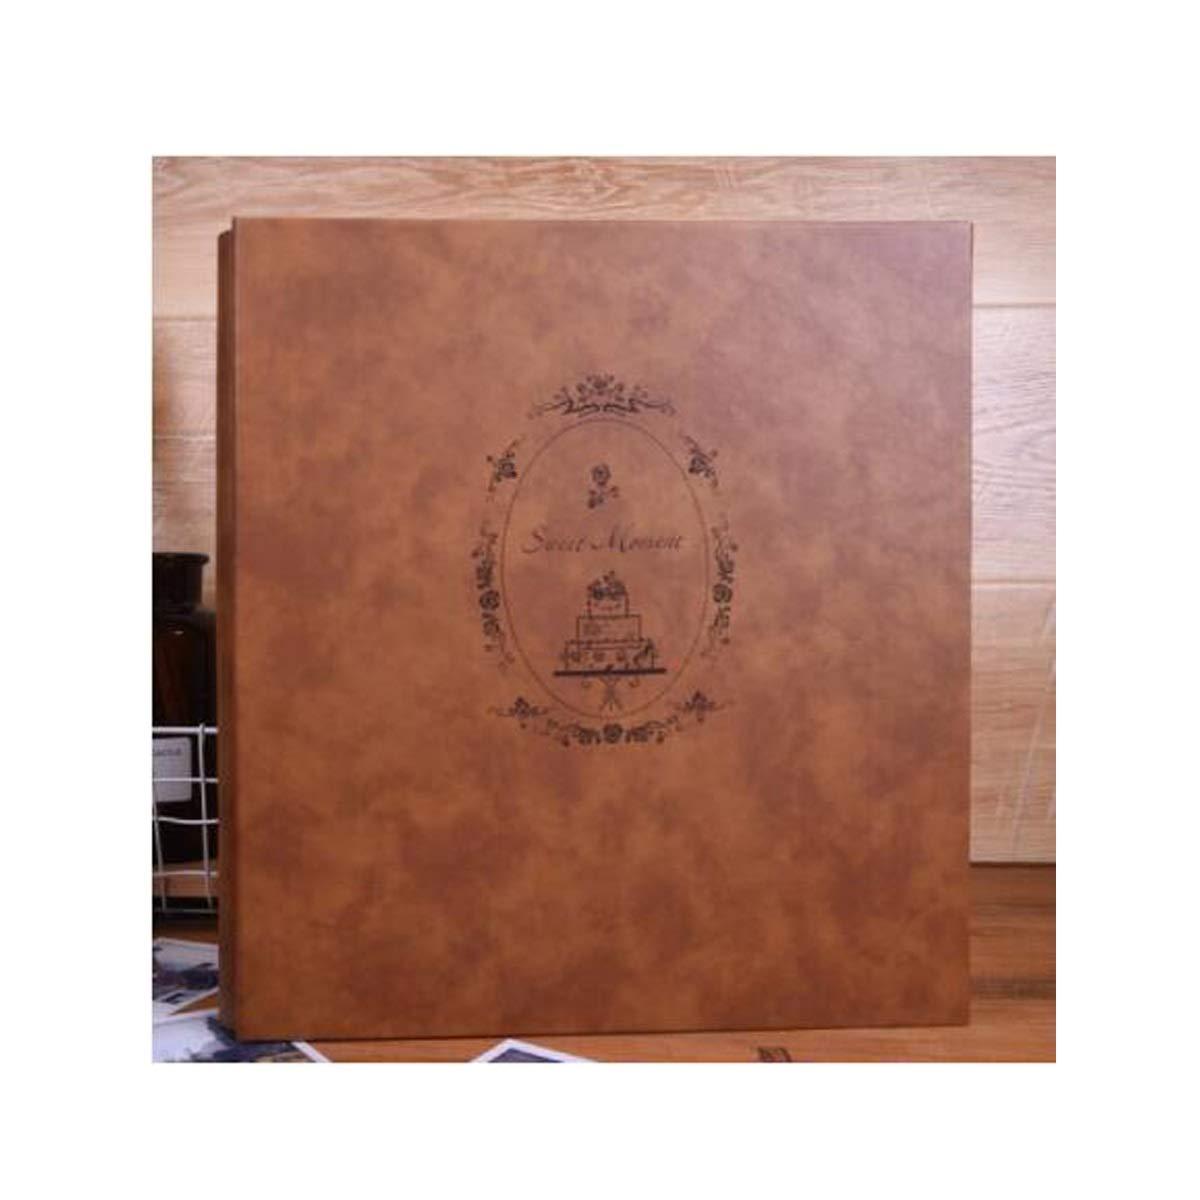 HXSD Album, Hand Suede Retro Large Capacity 6 Inch Insert Type Insert Bag Plastic Can Put 4R Family Album Album Album Book (Color : B) by HXSD